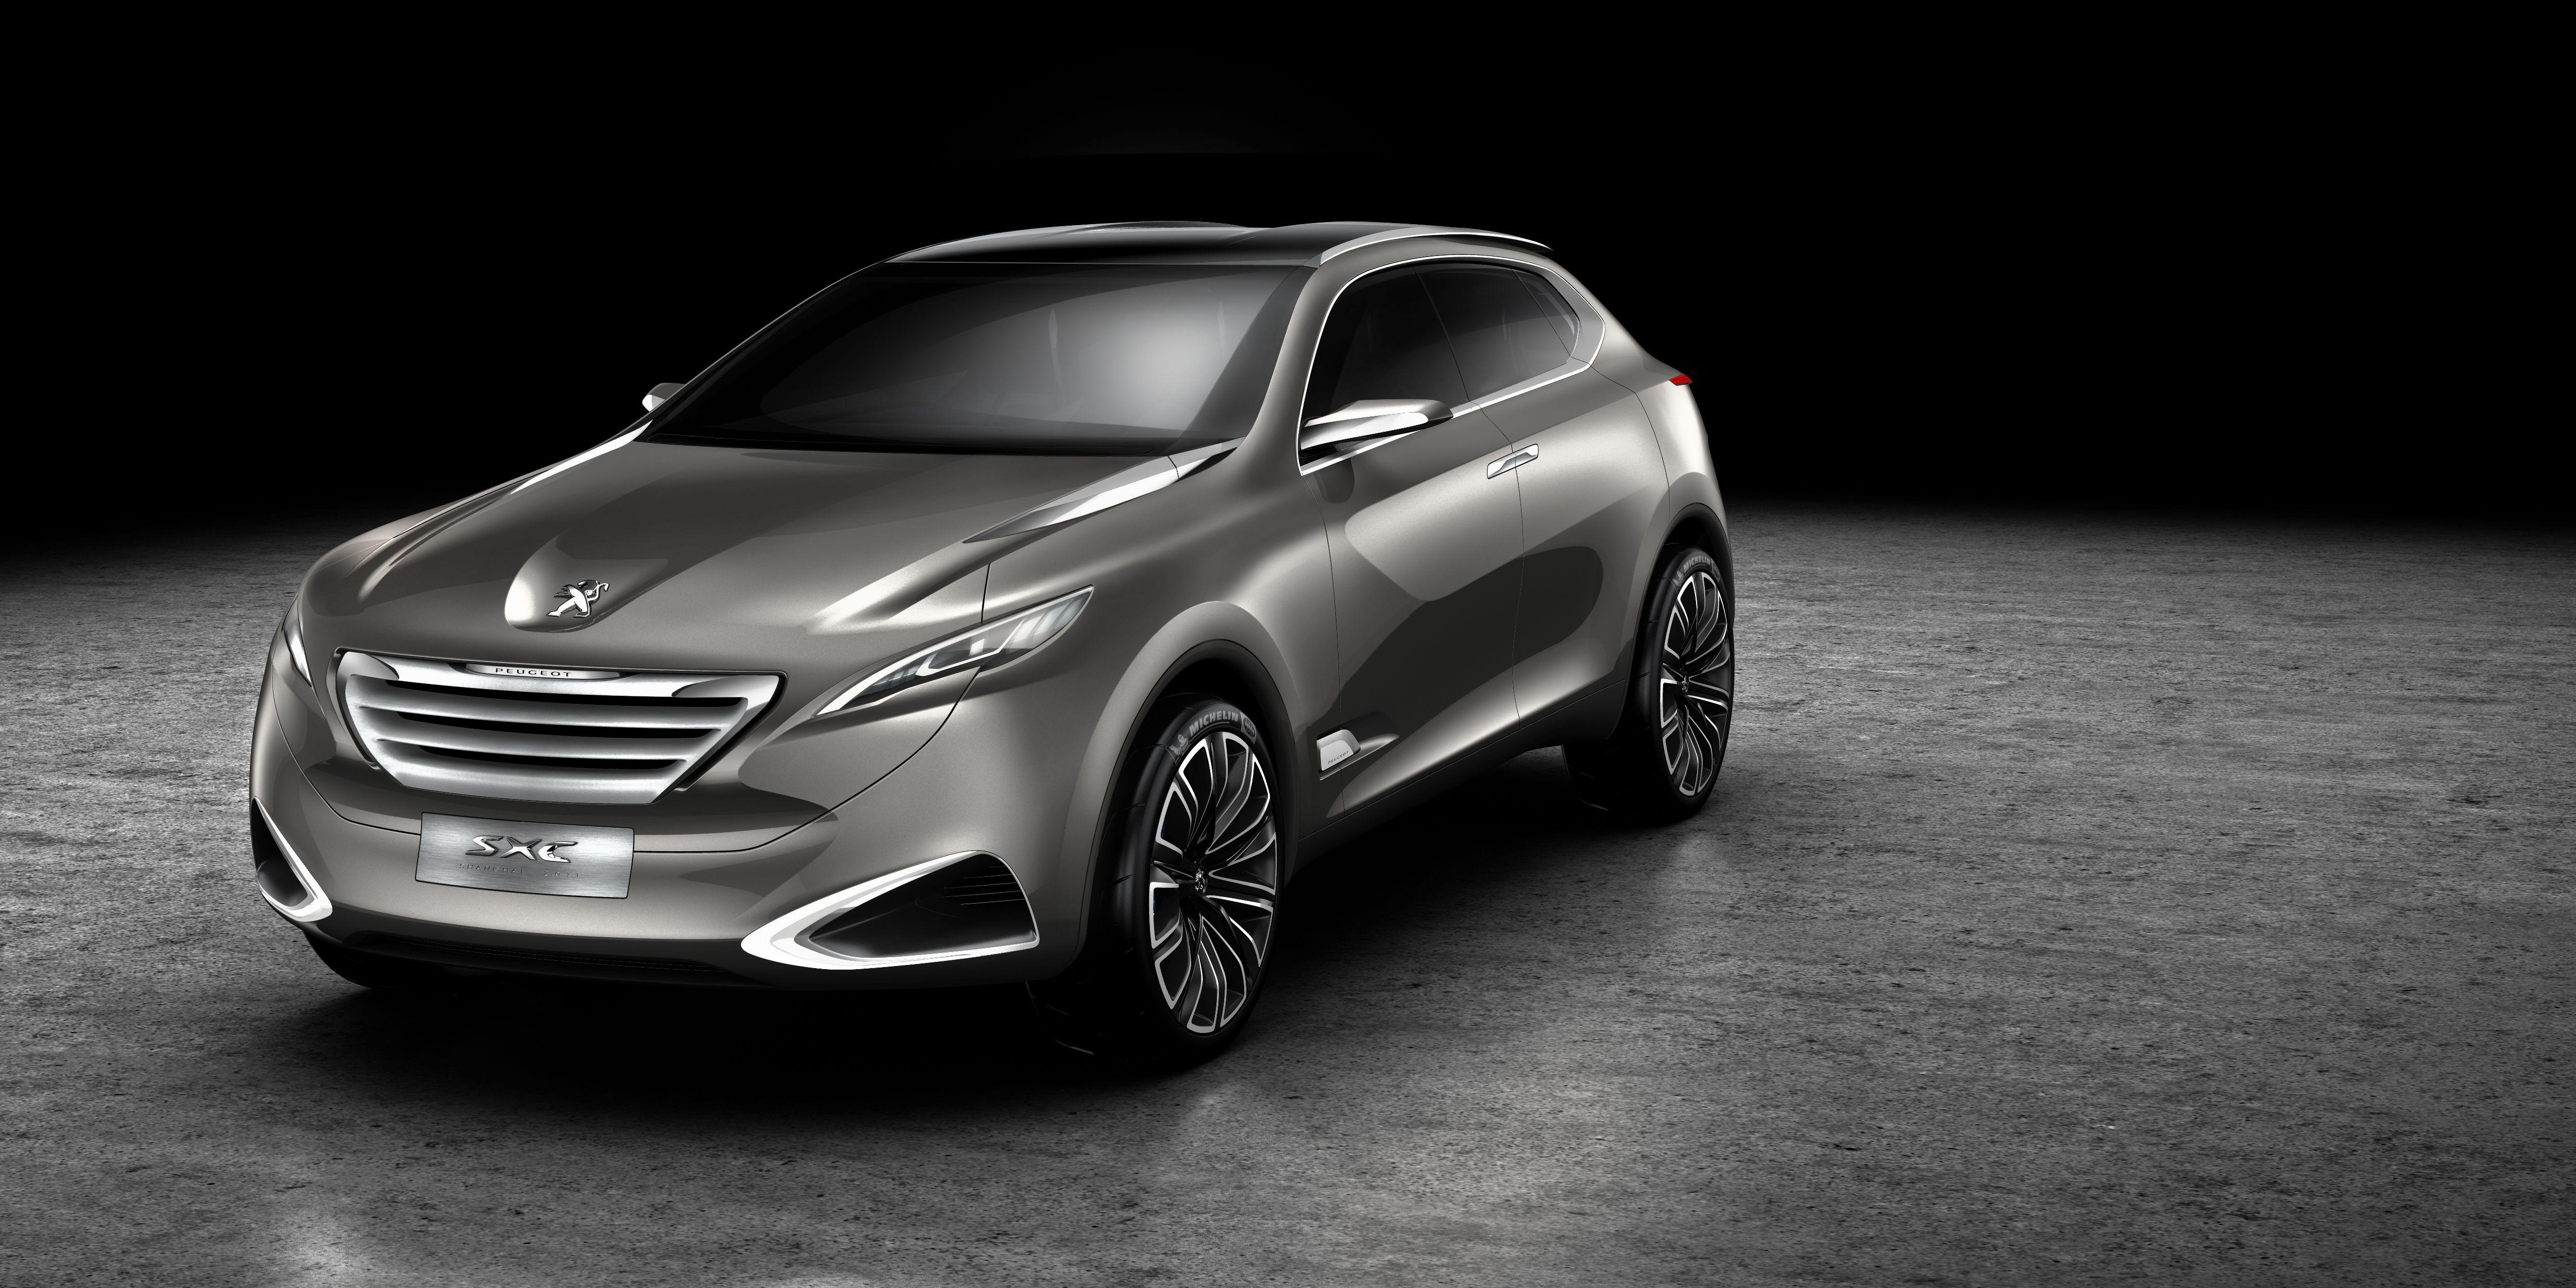 La future citro n c5 se fera attendre jusqu en 2016 general motors and cars